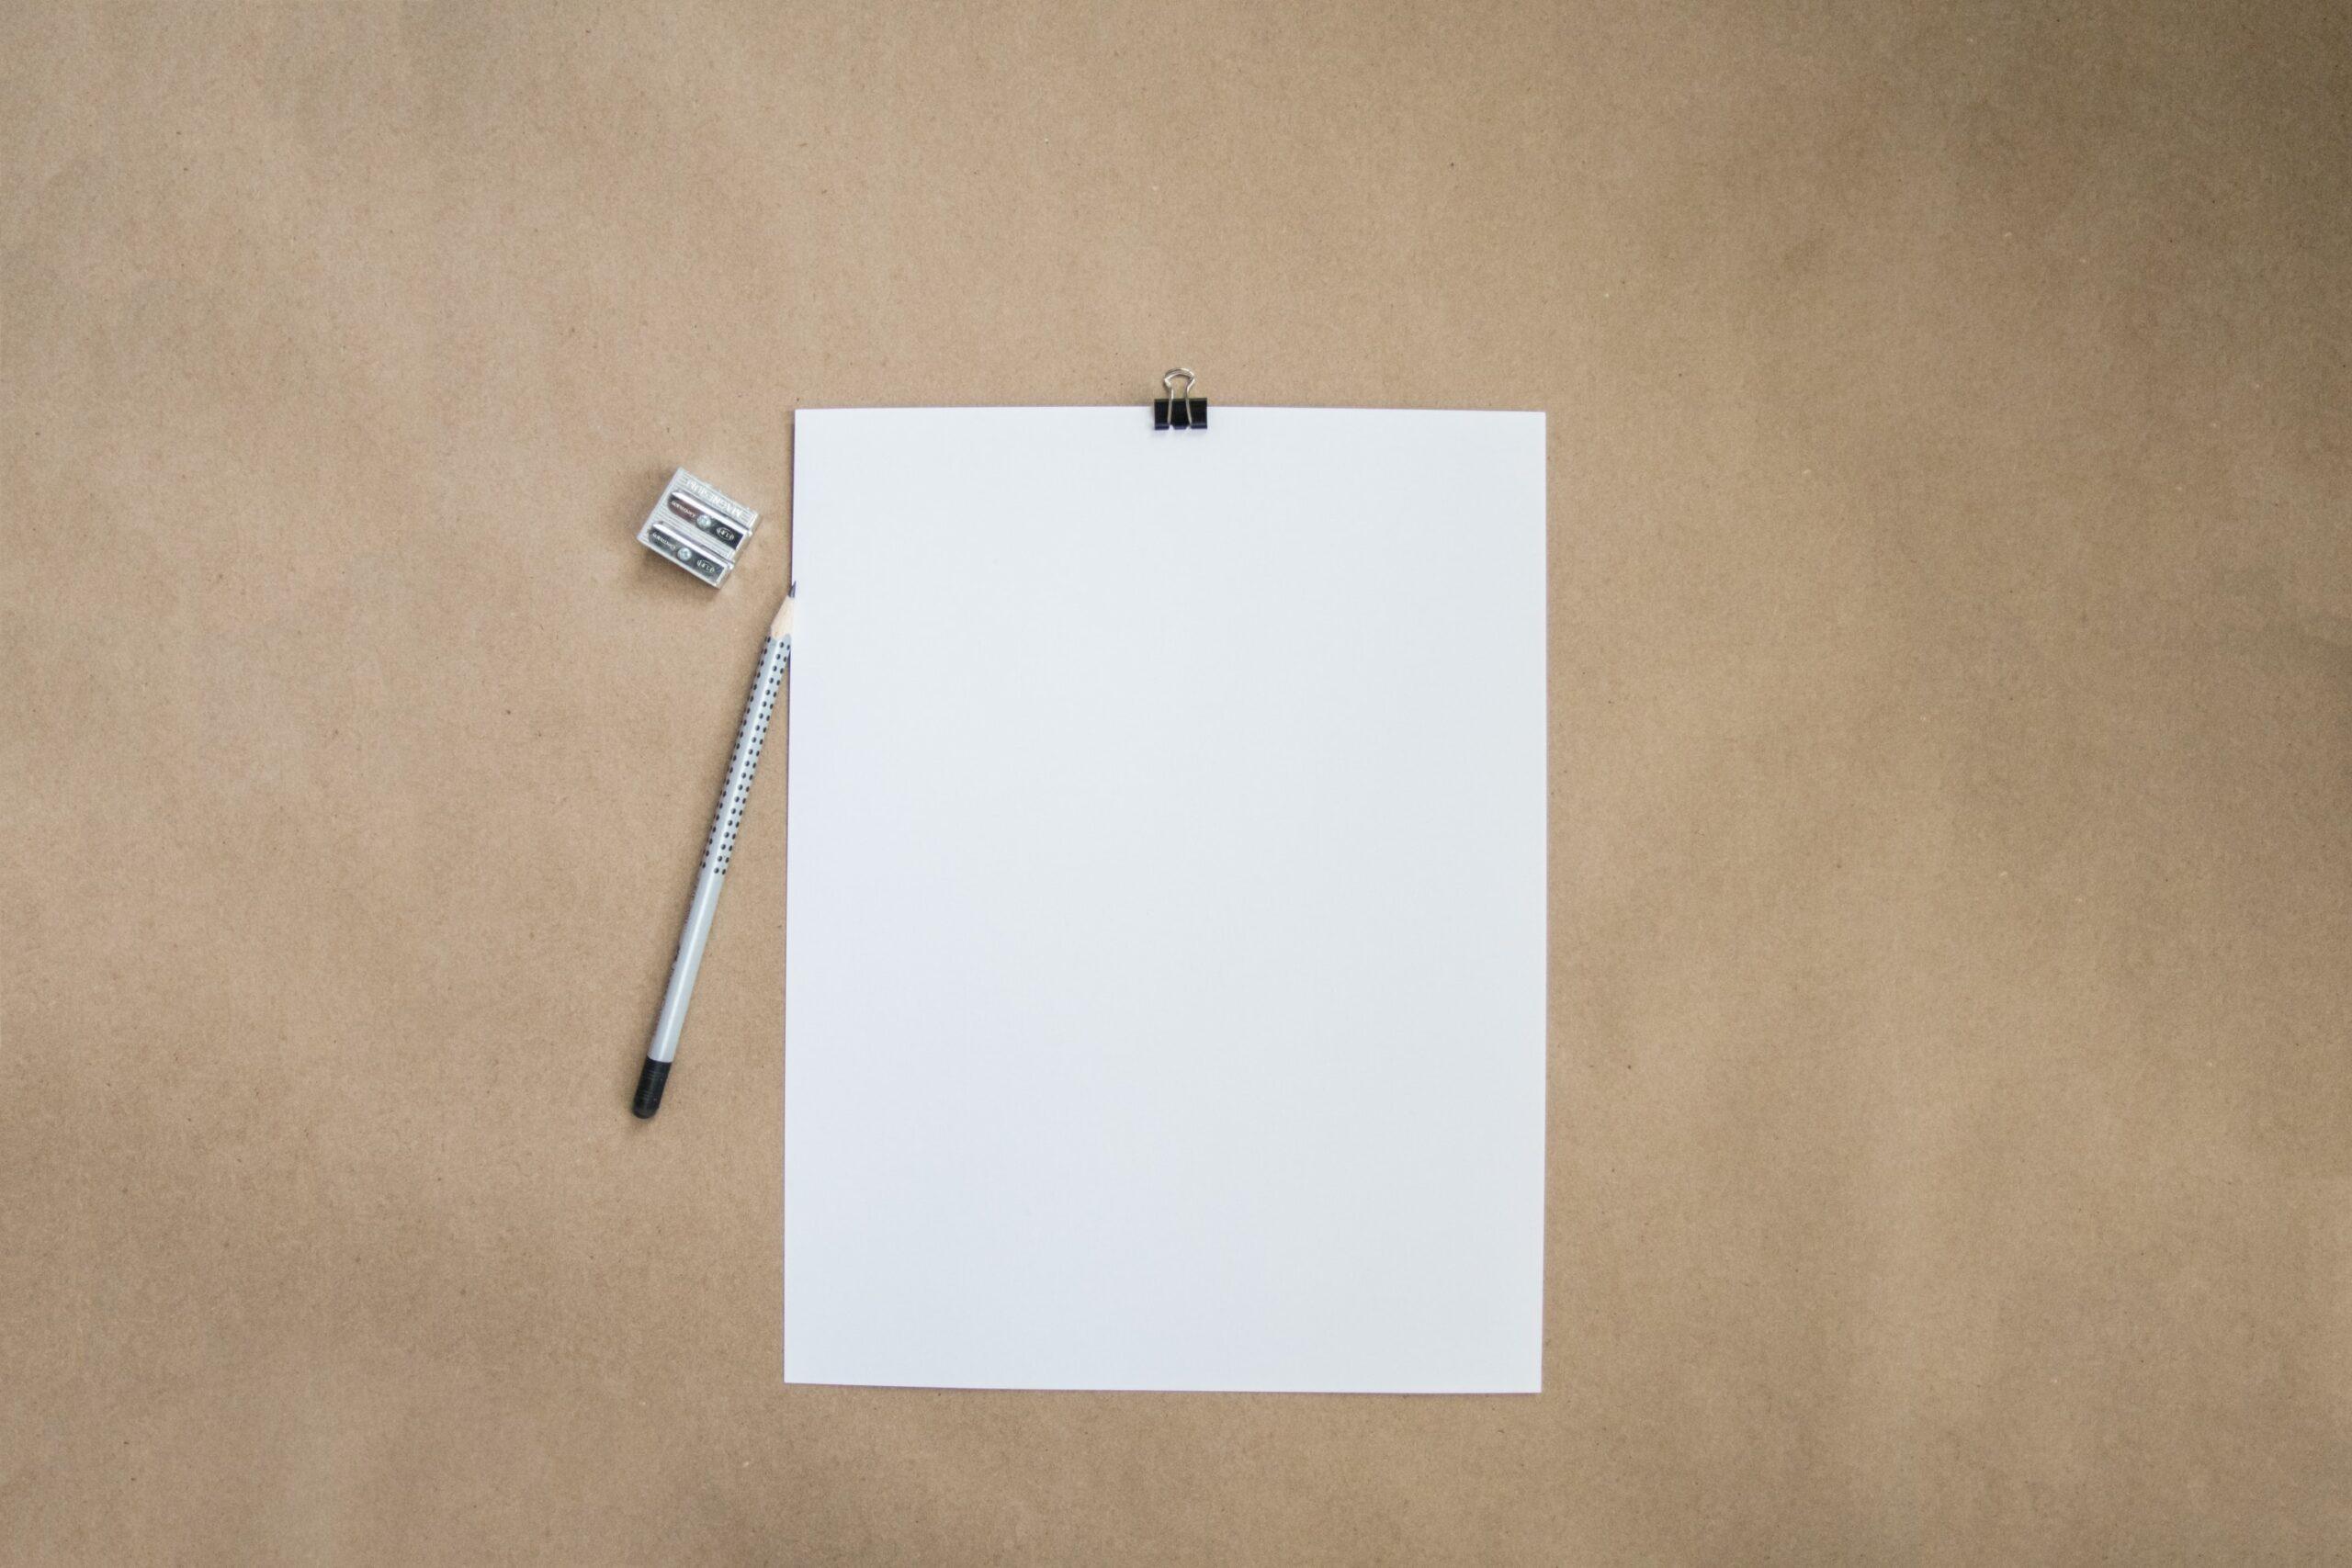 転職の履歴書を手書きで要求され何も書けない様子